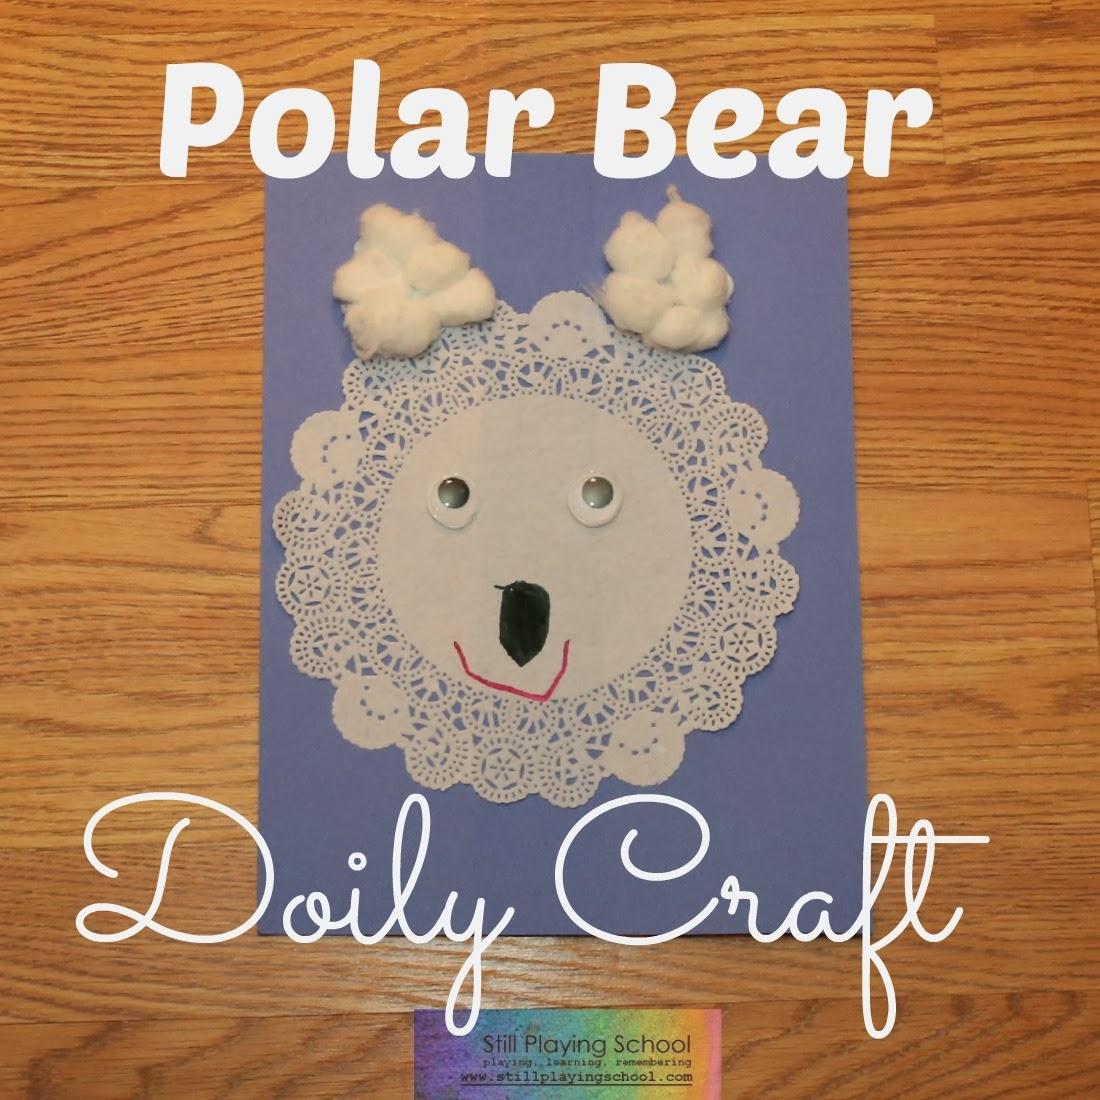 Polar Bear Doily Craft